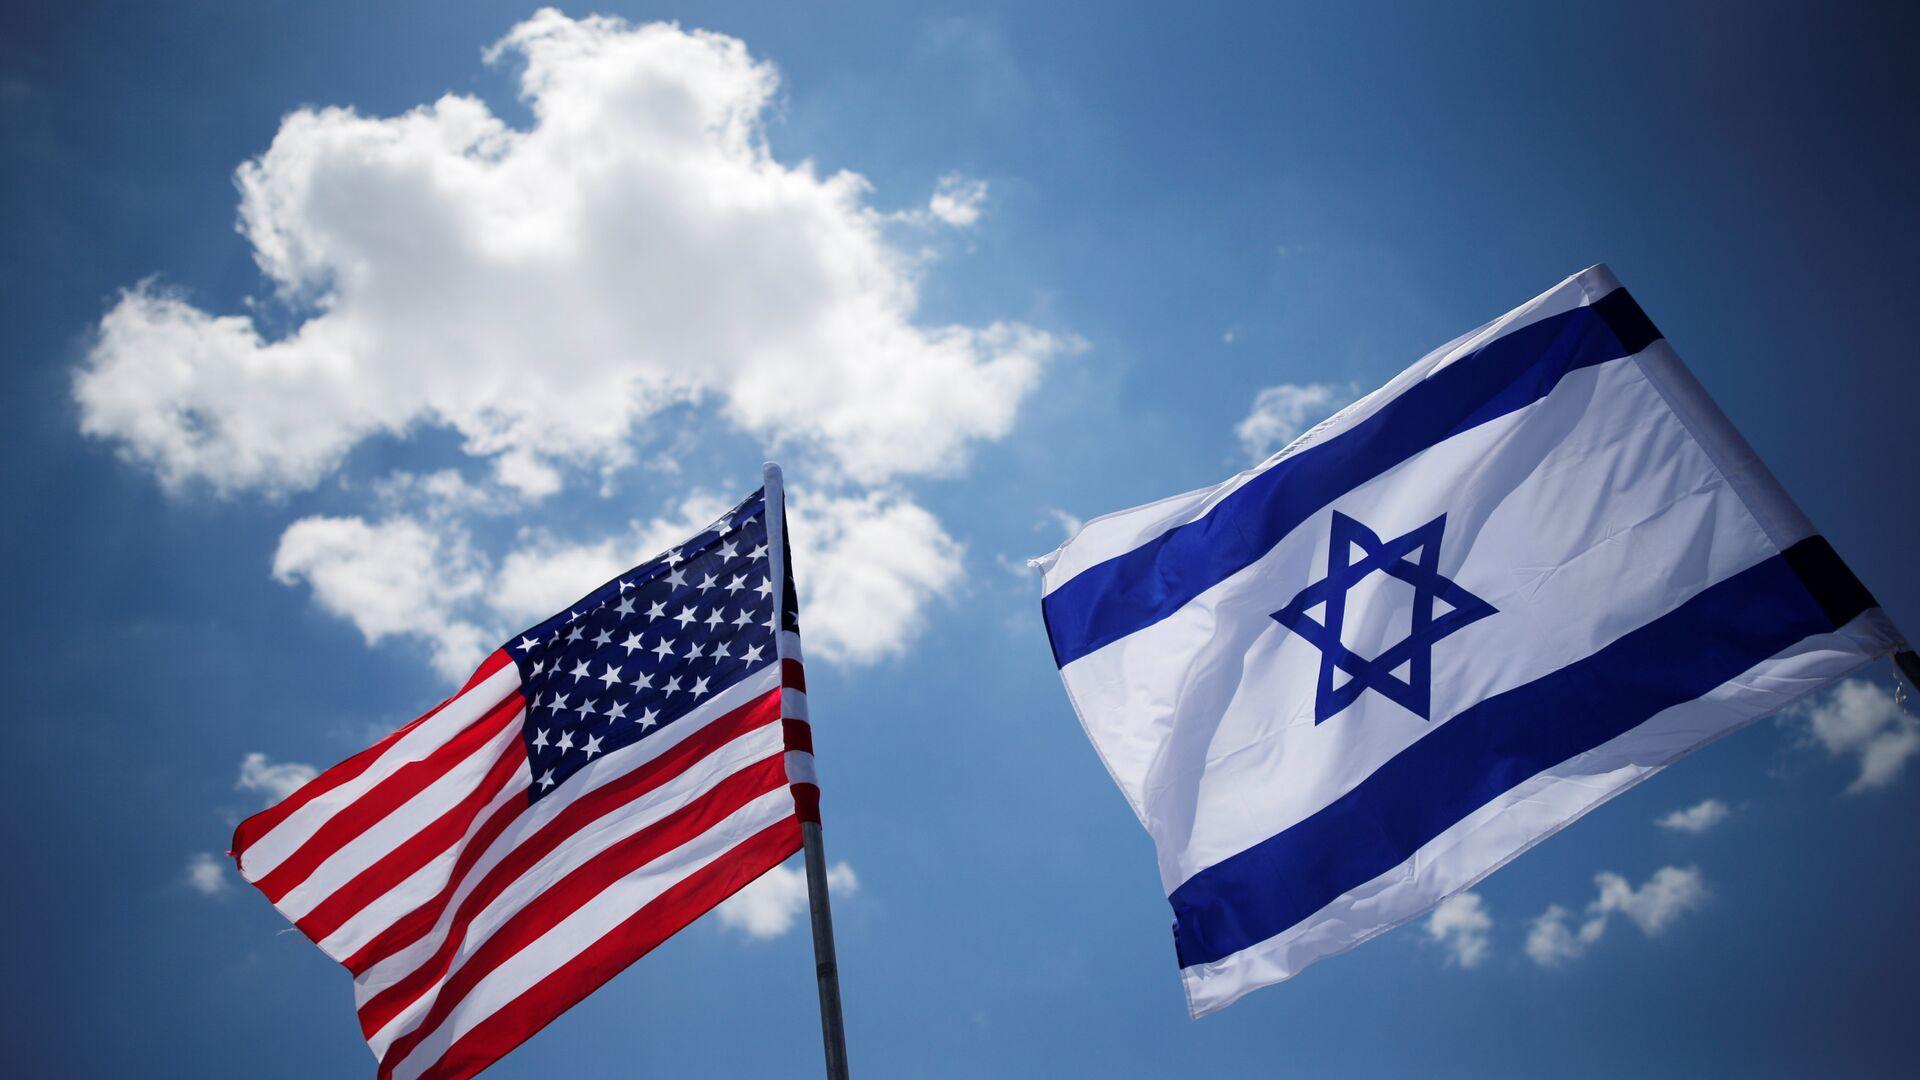 Banderas de EEUU y Israel - Sputnik Mundo, 1920, 07.08.2021